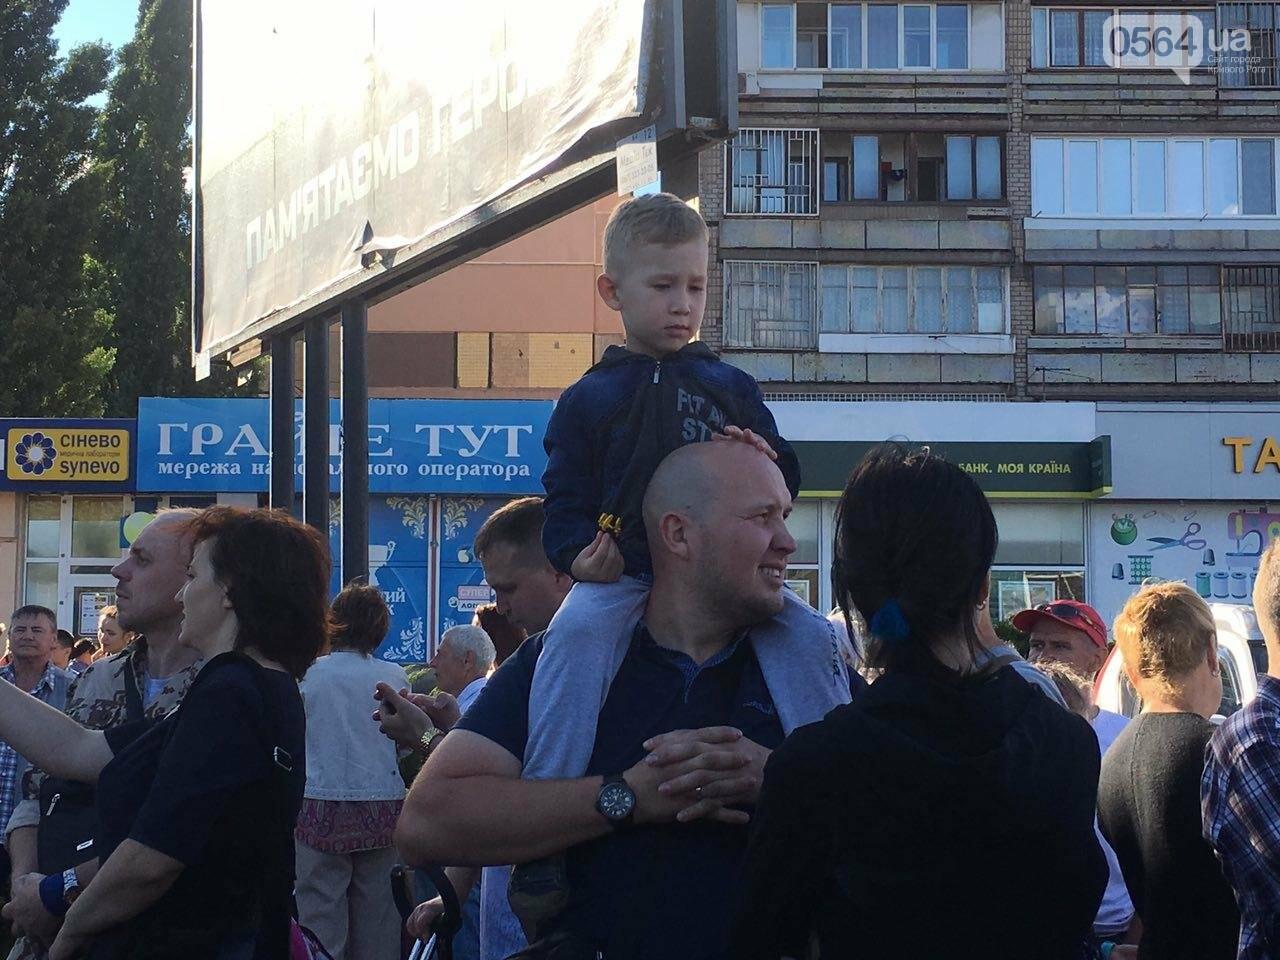 Криворожане собрались на Марш за традиционные семейные ценности, - ФОТО, ПРЯМОЙ ЭФИР, фото-1